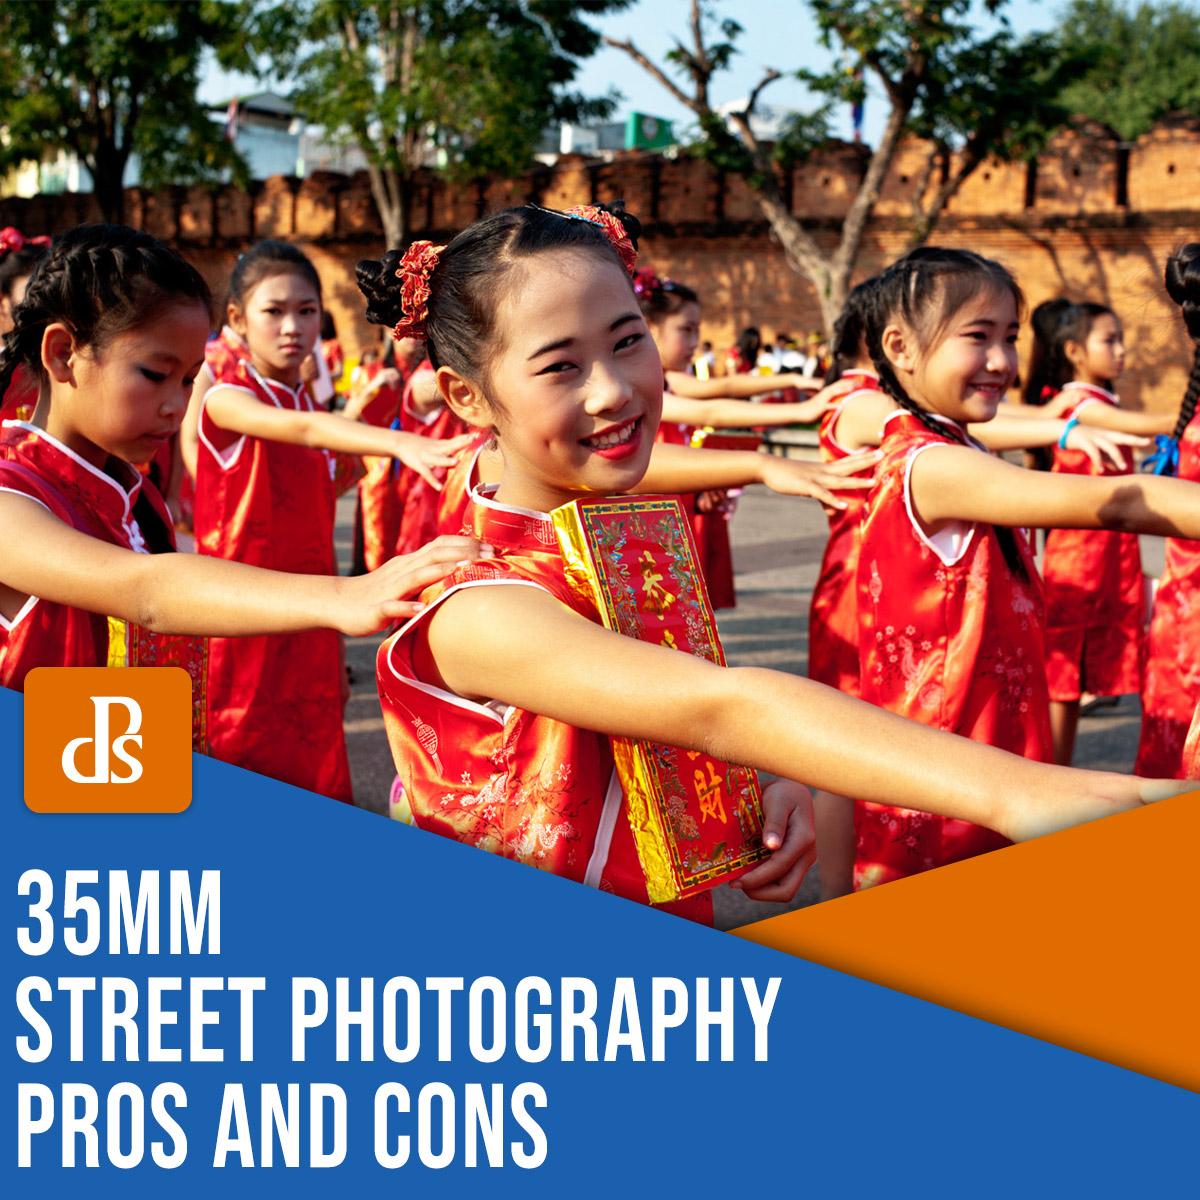 Prós e contras da fotografia de rua 35 mm